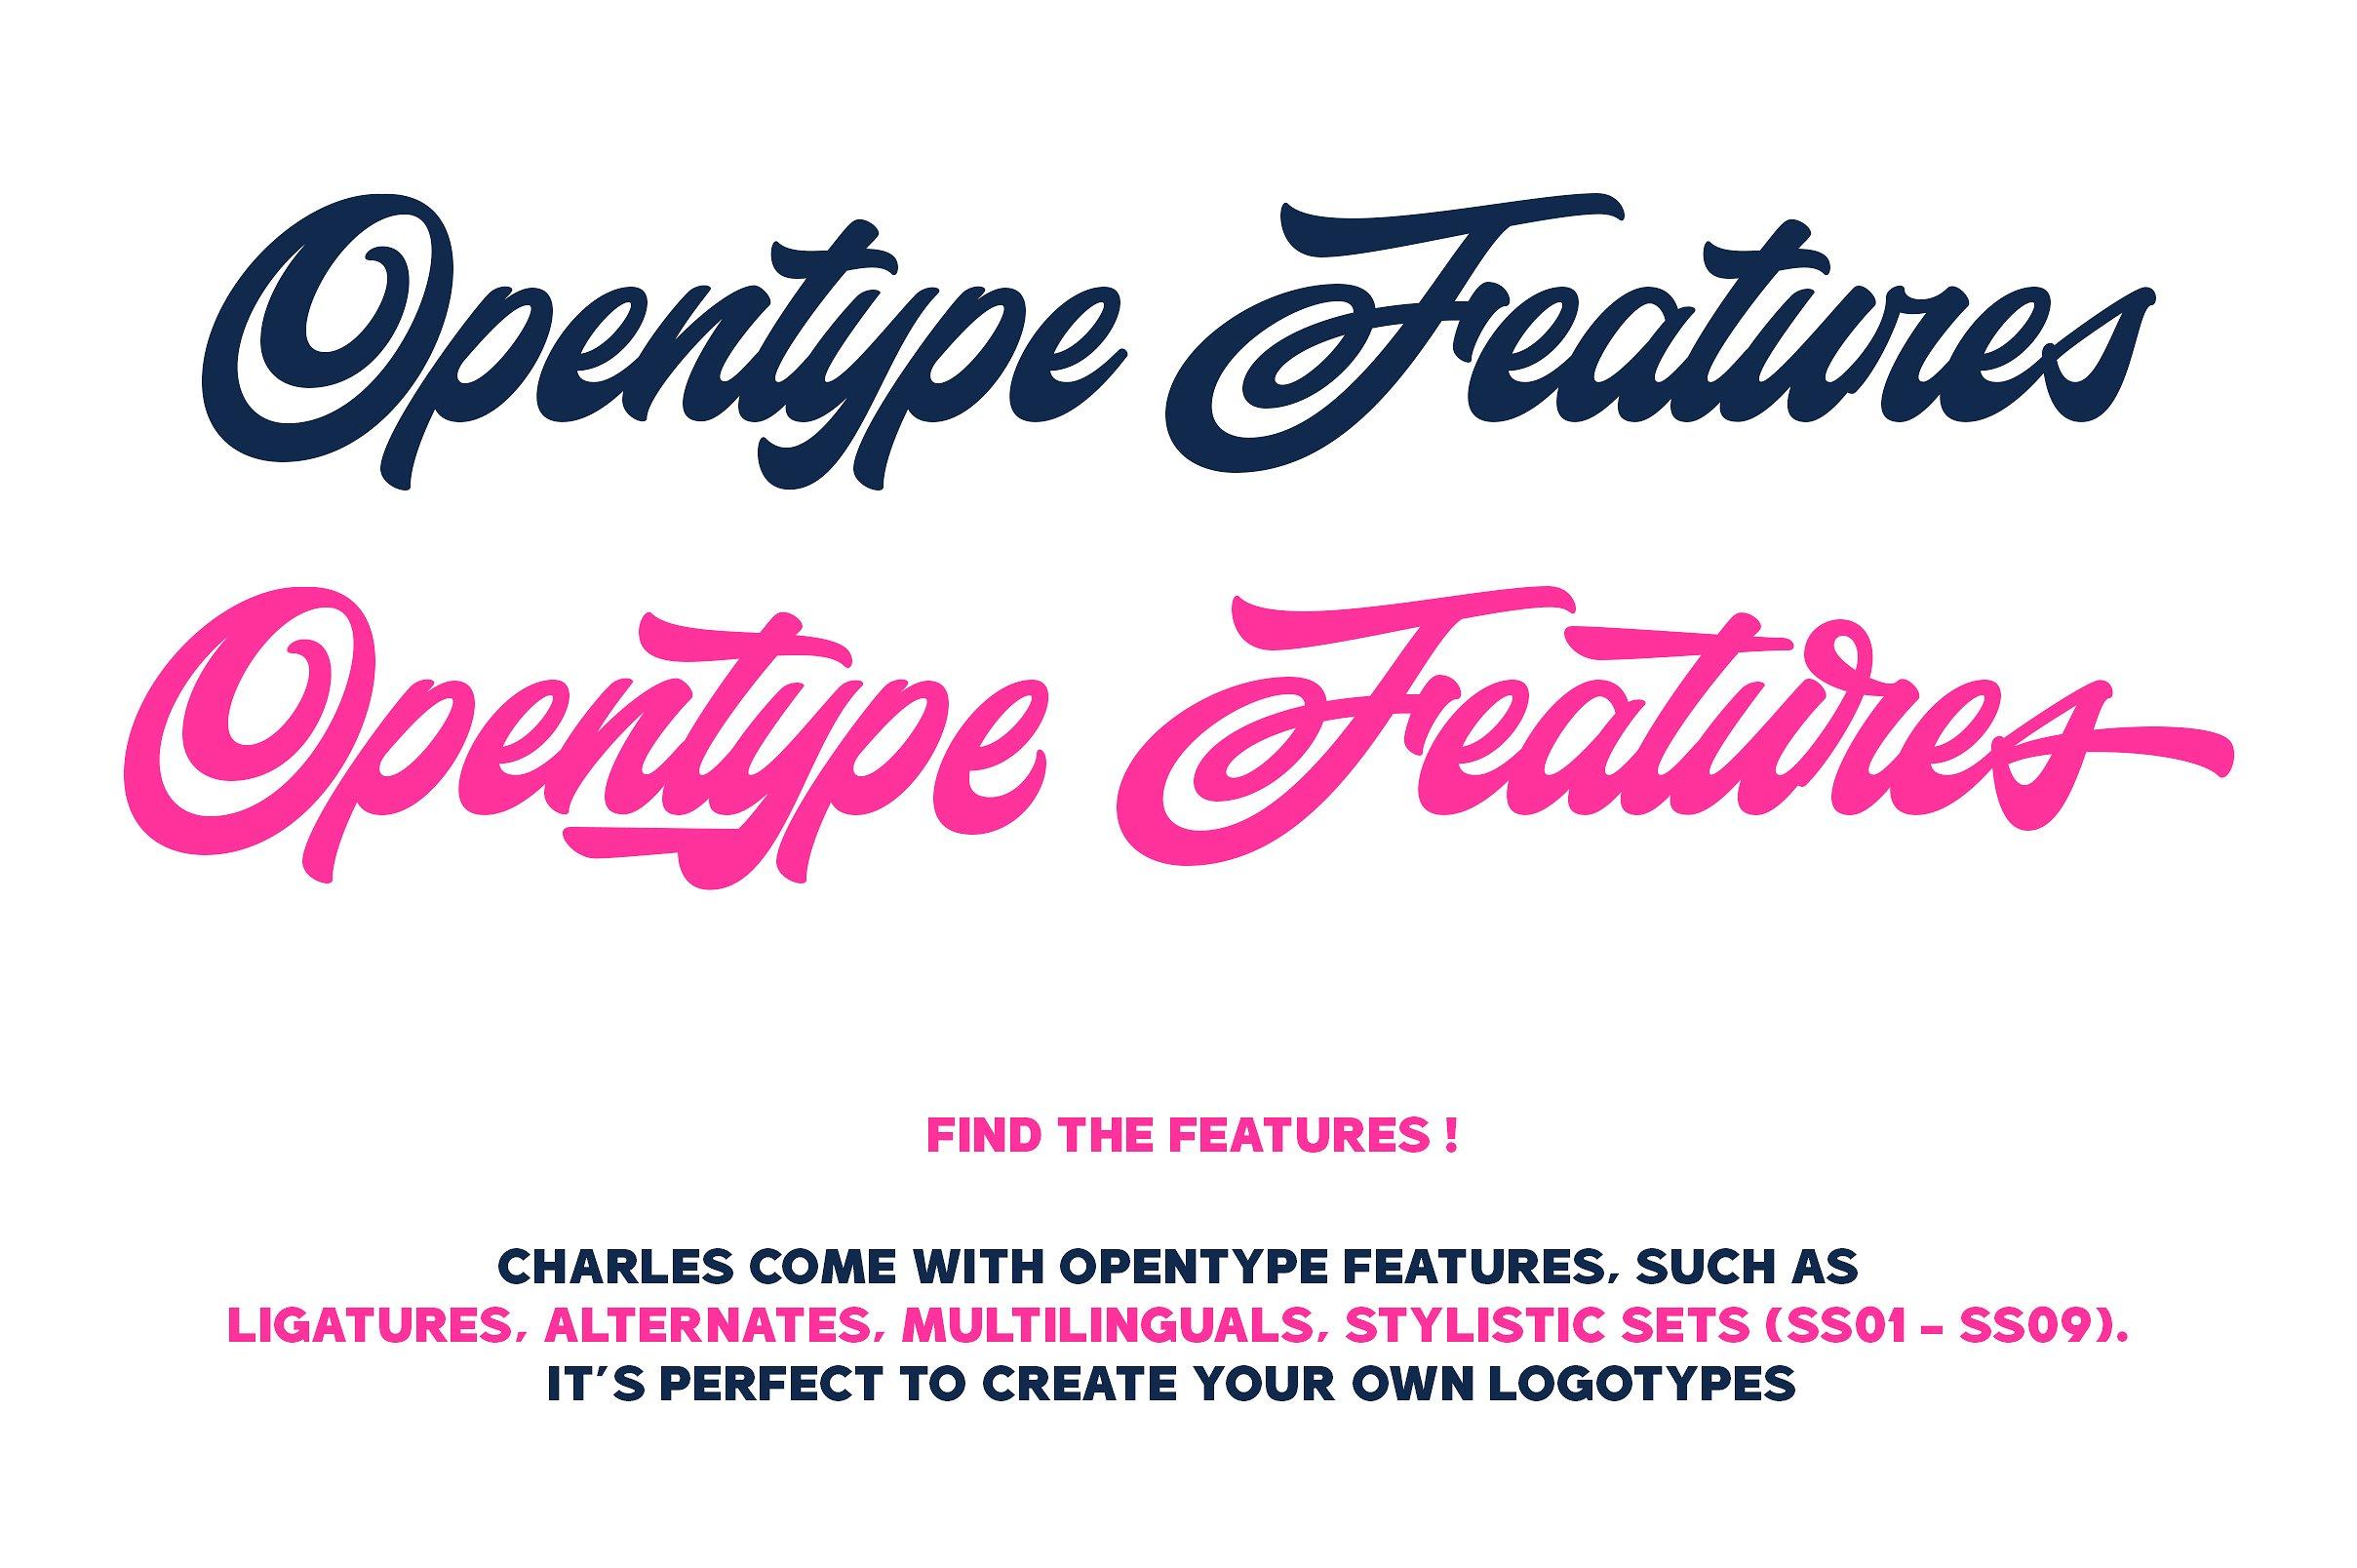 手写艺术字体 Charles Family设计素材模板